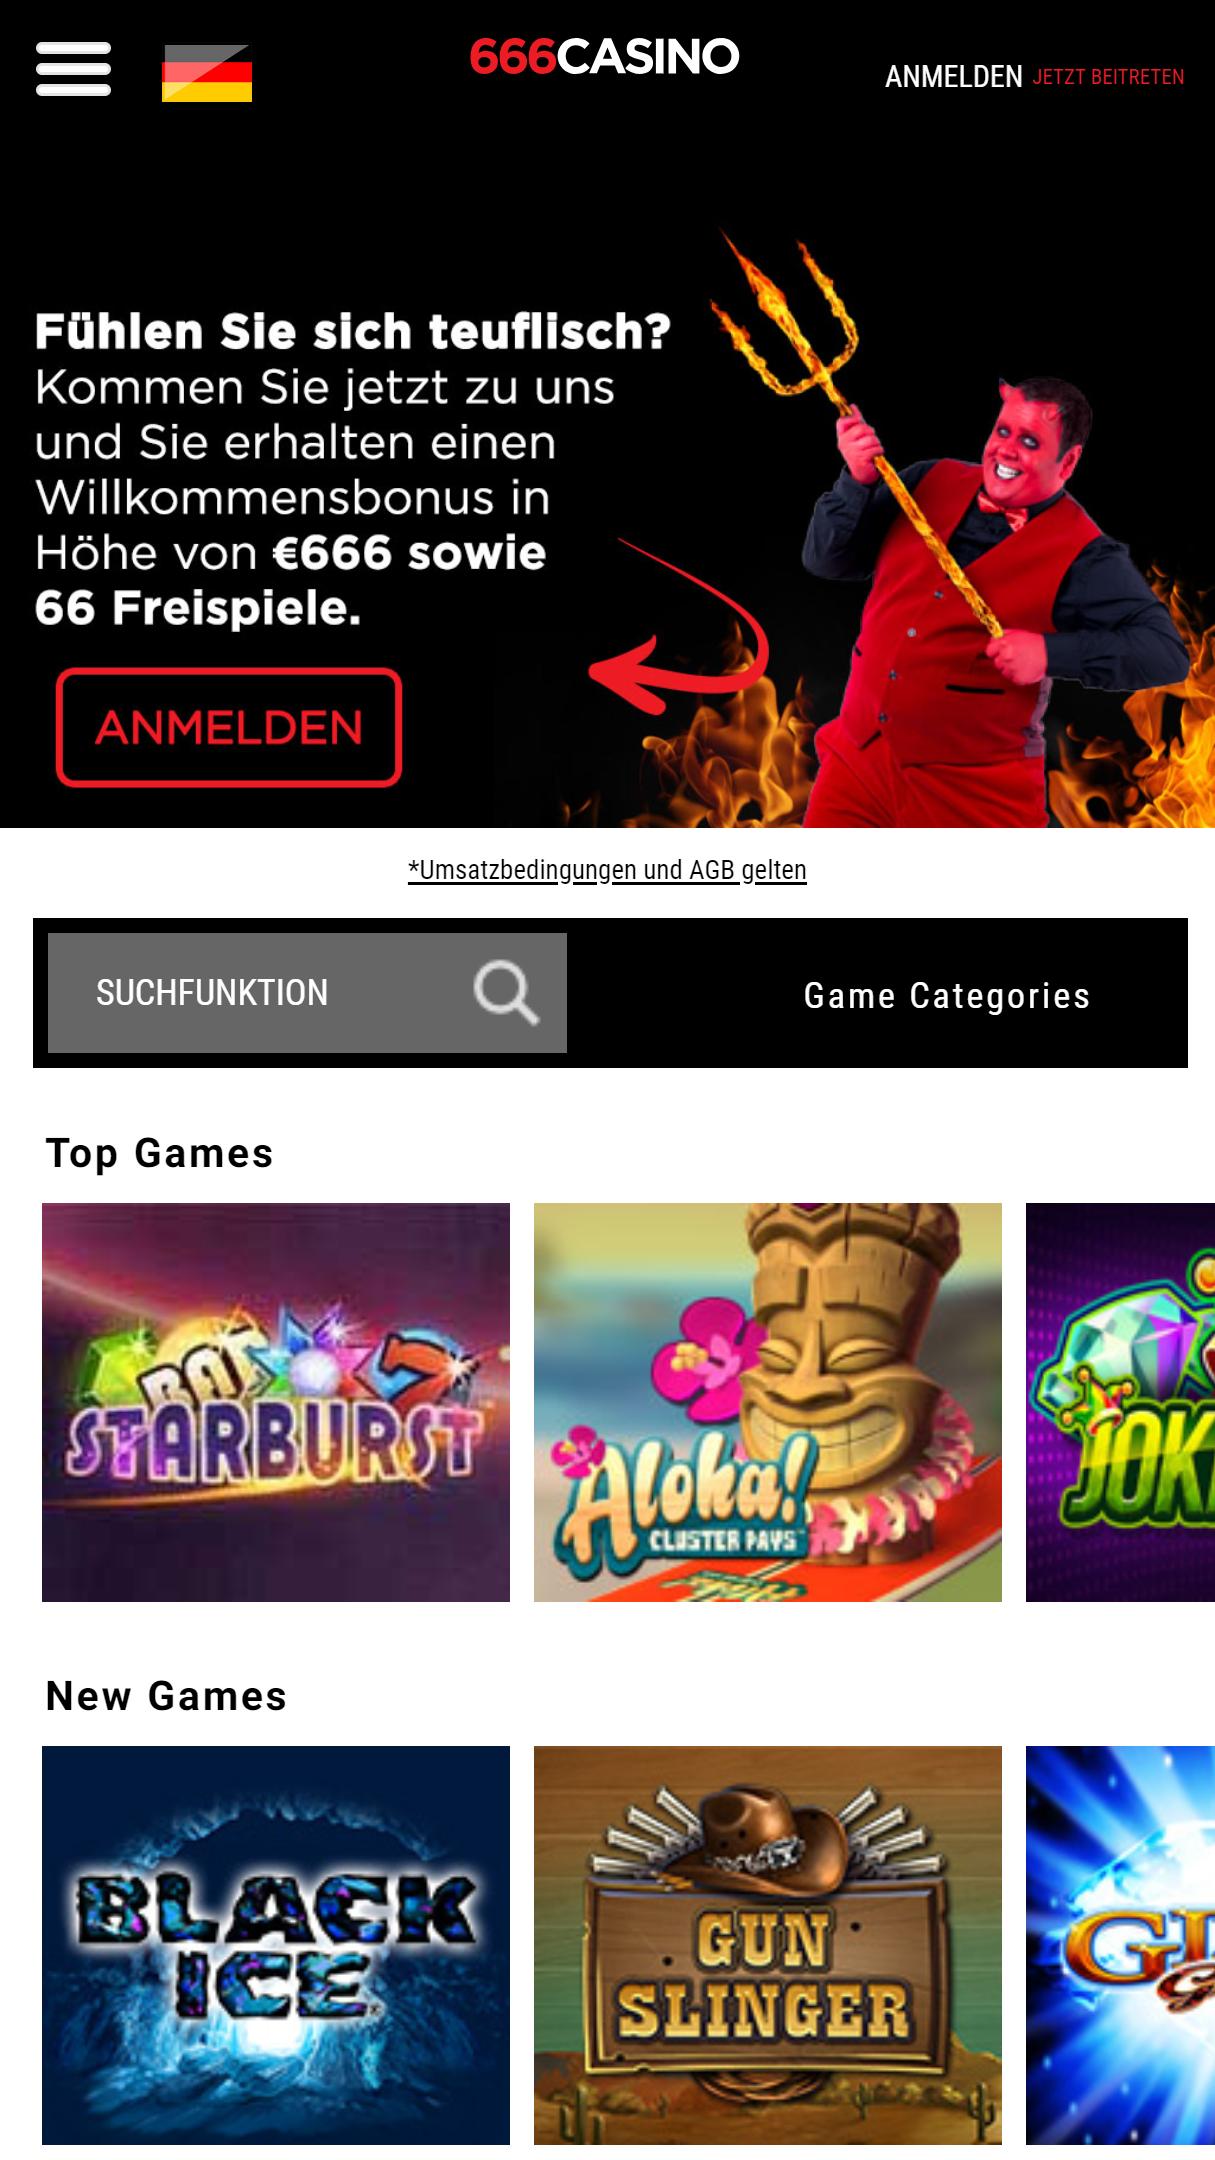 666Casino App Homepage